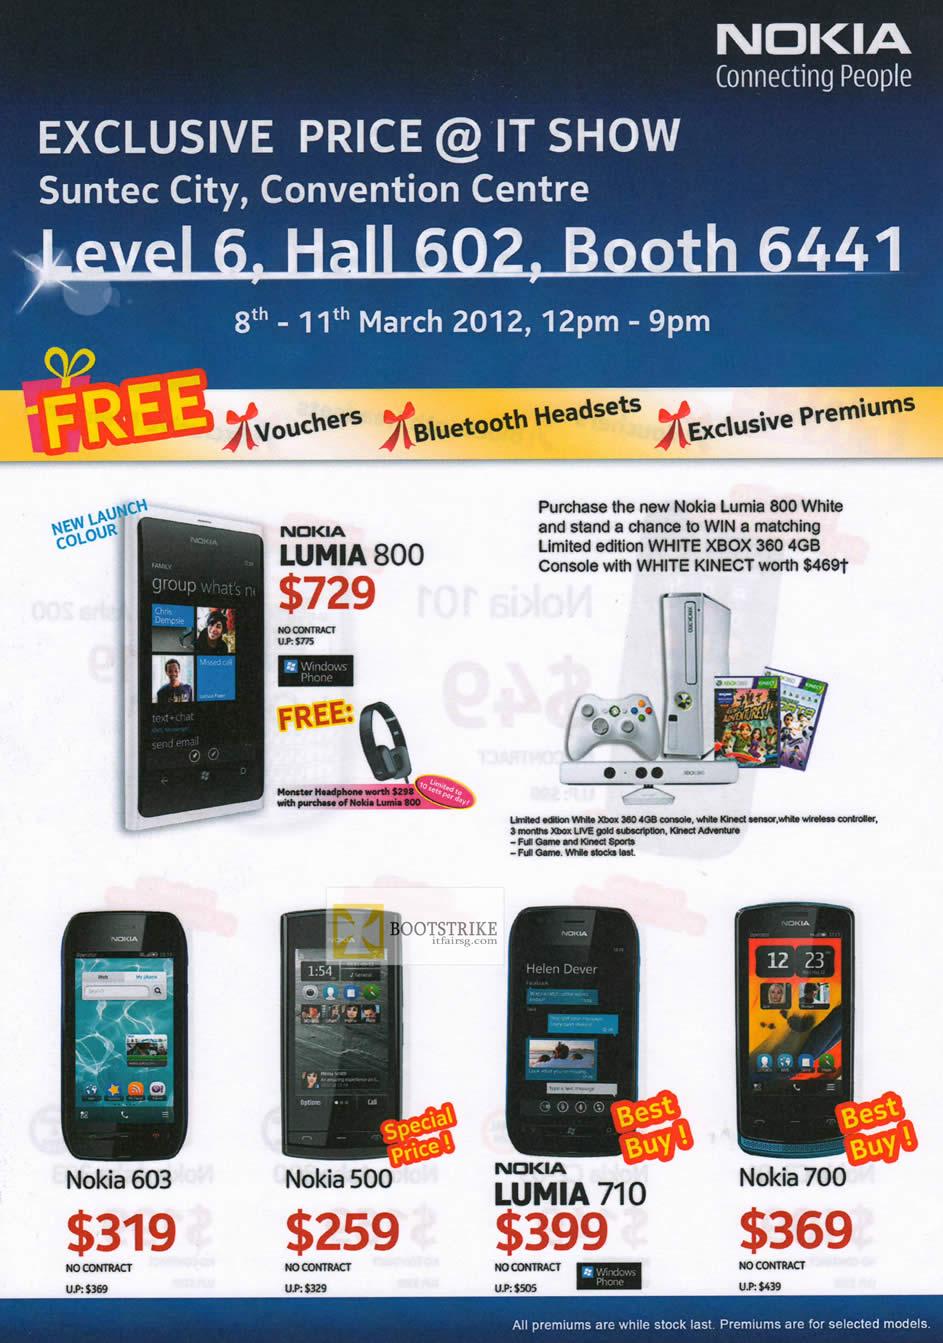 IT SHOW 2012 price list image brochure of Nokia Smartphones Mobile Lumia 800, Nokia 603, Nokia 500, Nukia Lumia 710, Nokia 700